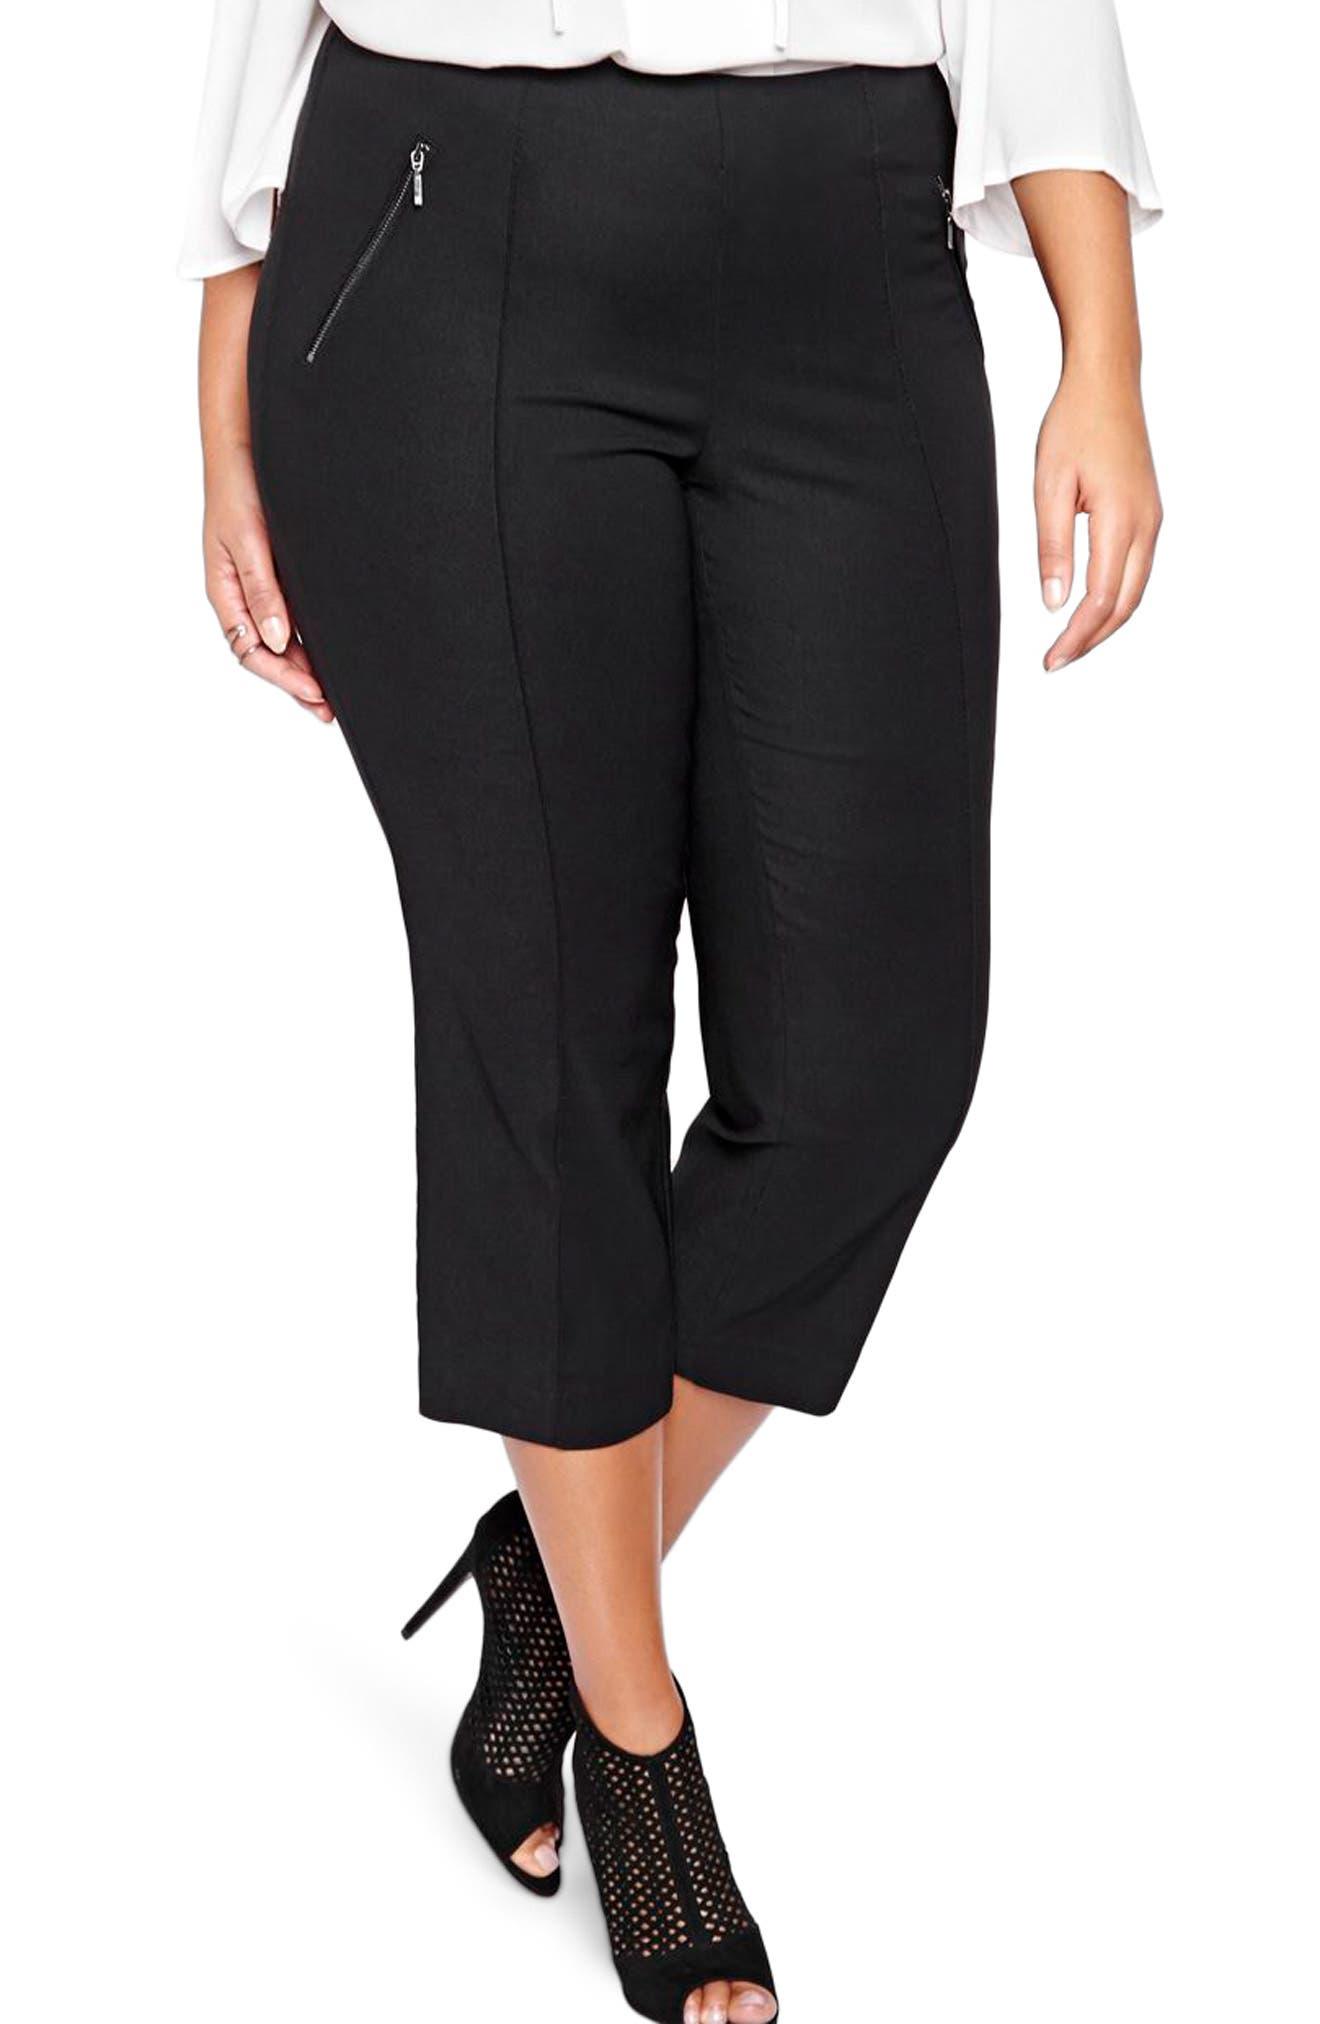 MICHEL STUDIO Alexa Crop Pants, Main, color, BLACK